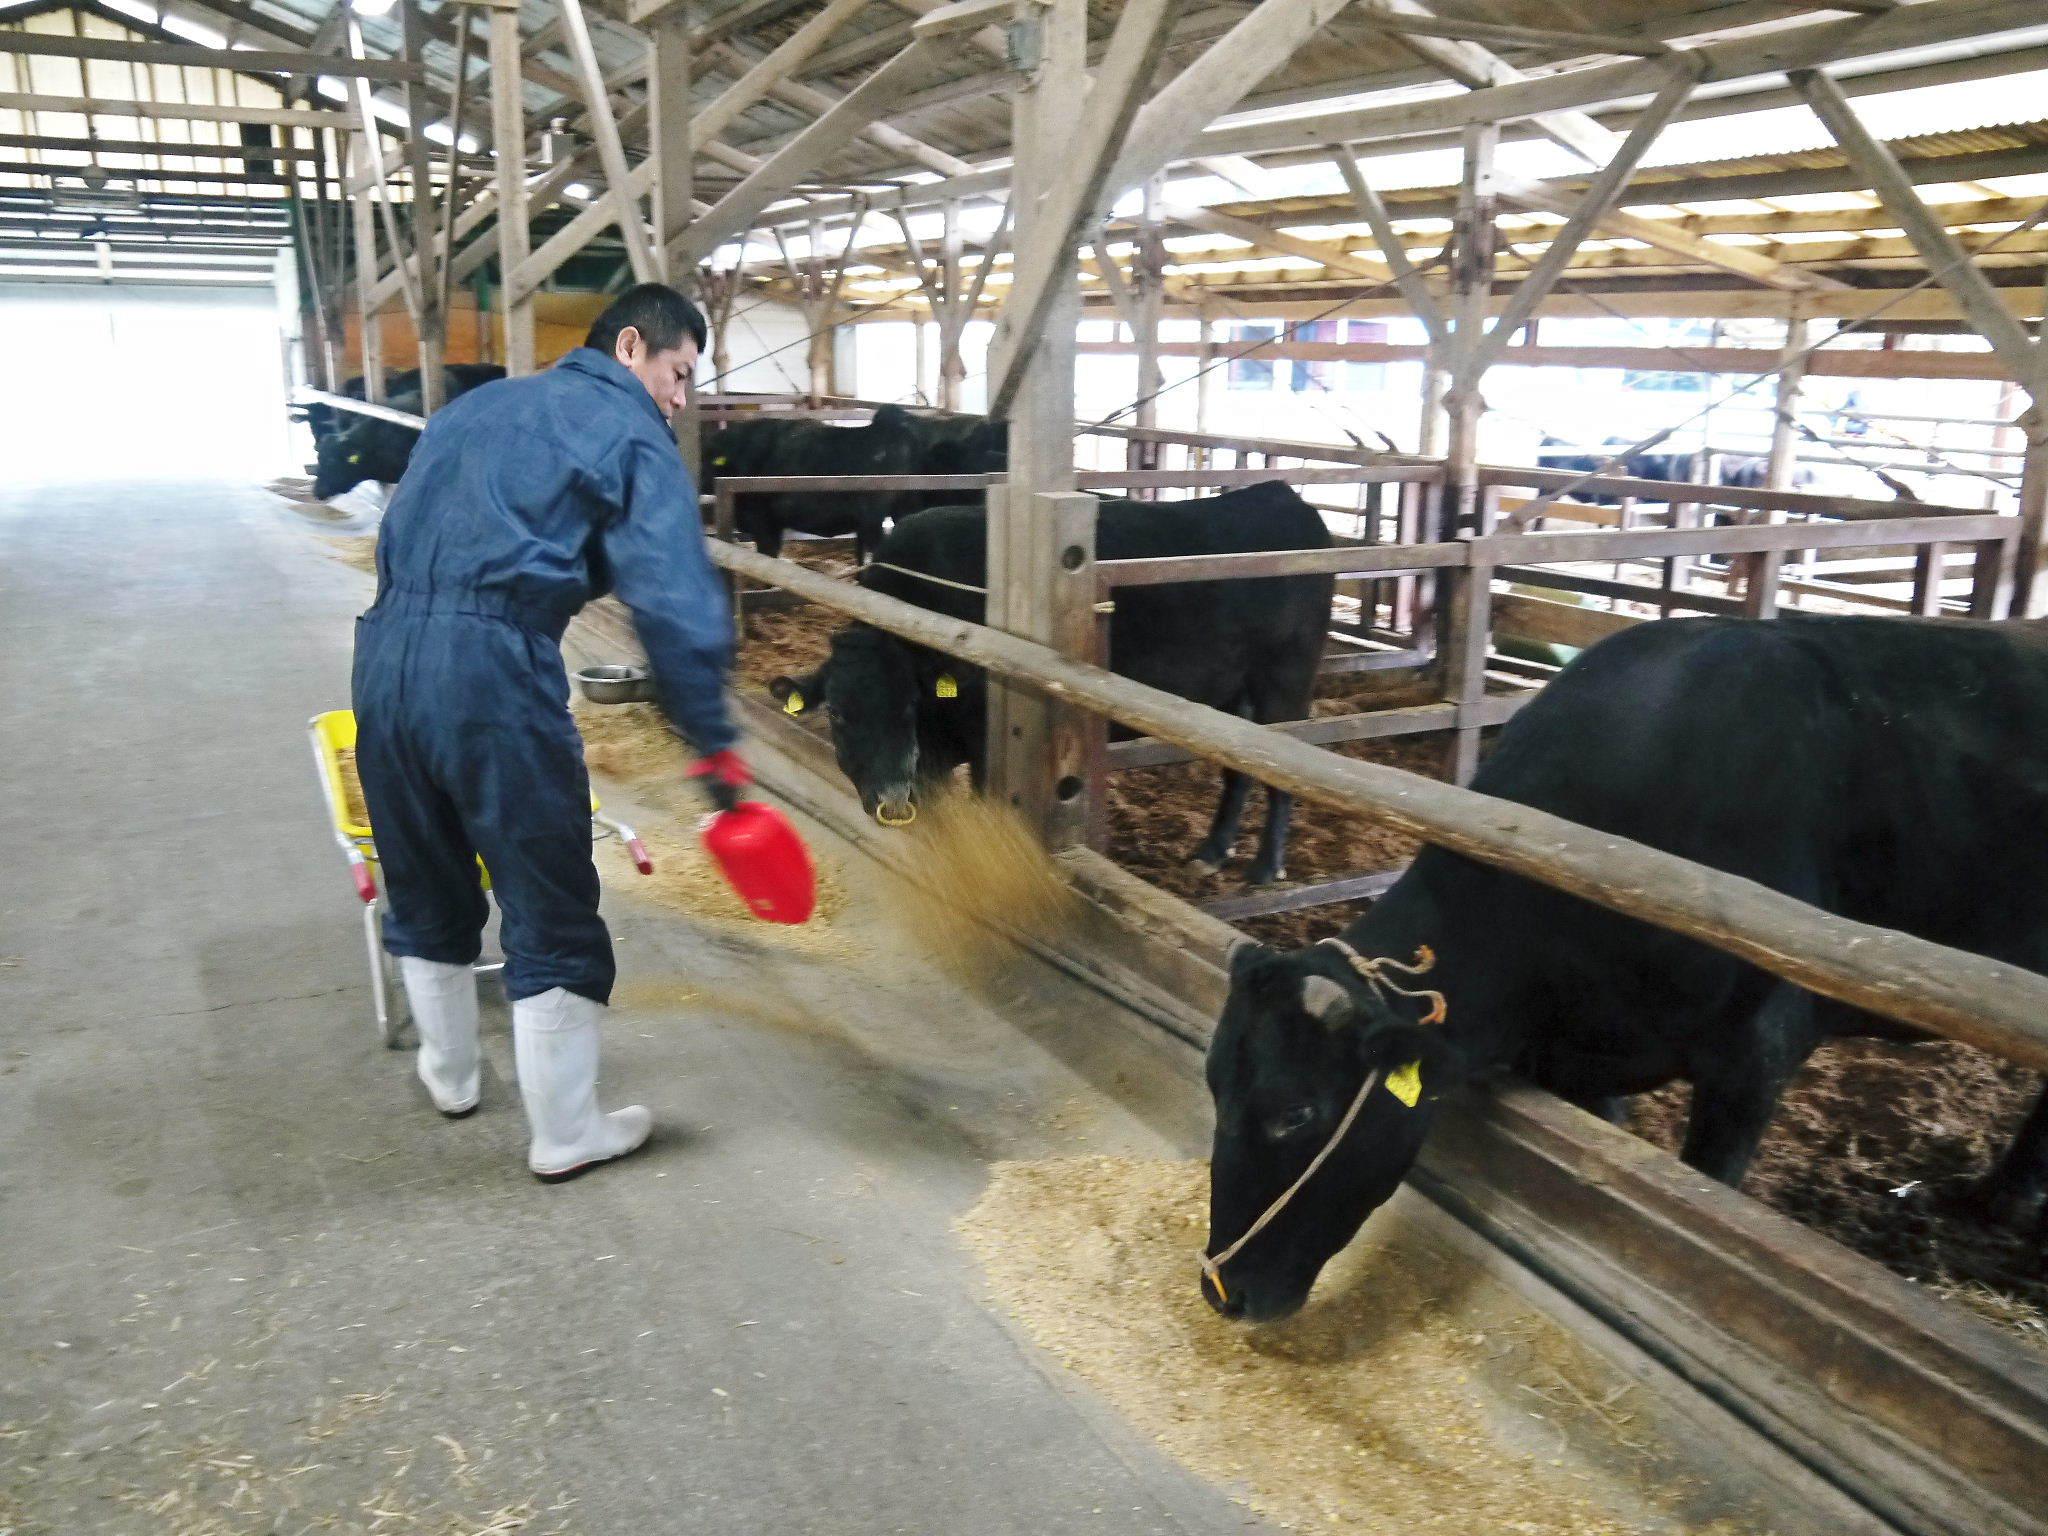 お待たせしました!熊本県産の黒毛和牛を100%のハンバーグステーキ!次回は8月20日(木)に出荷します!_a0254656_18320927.jpg